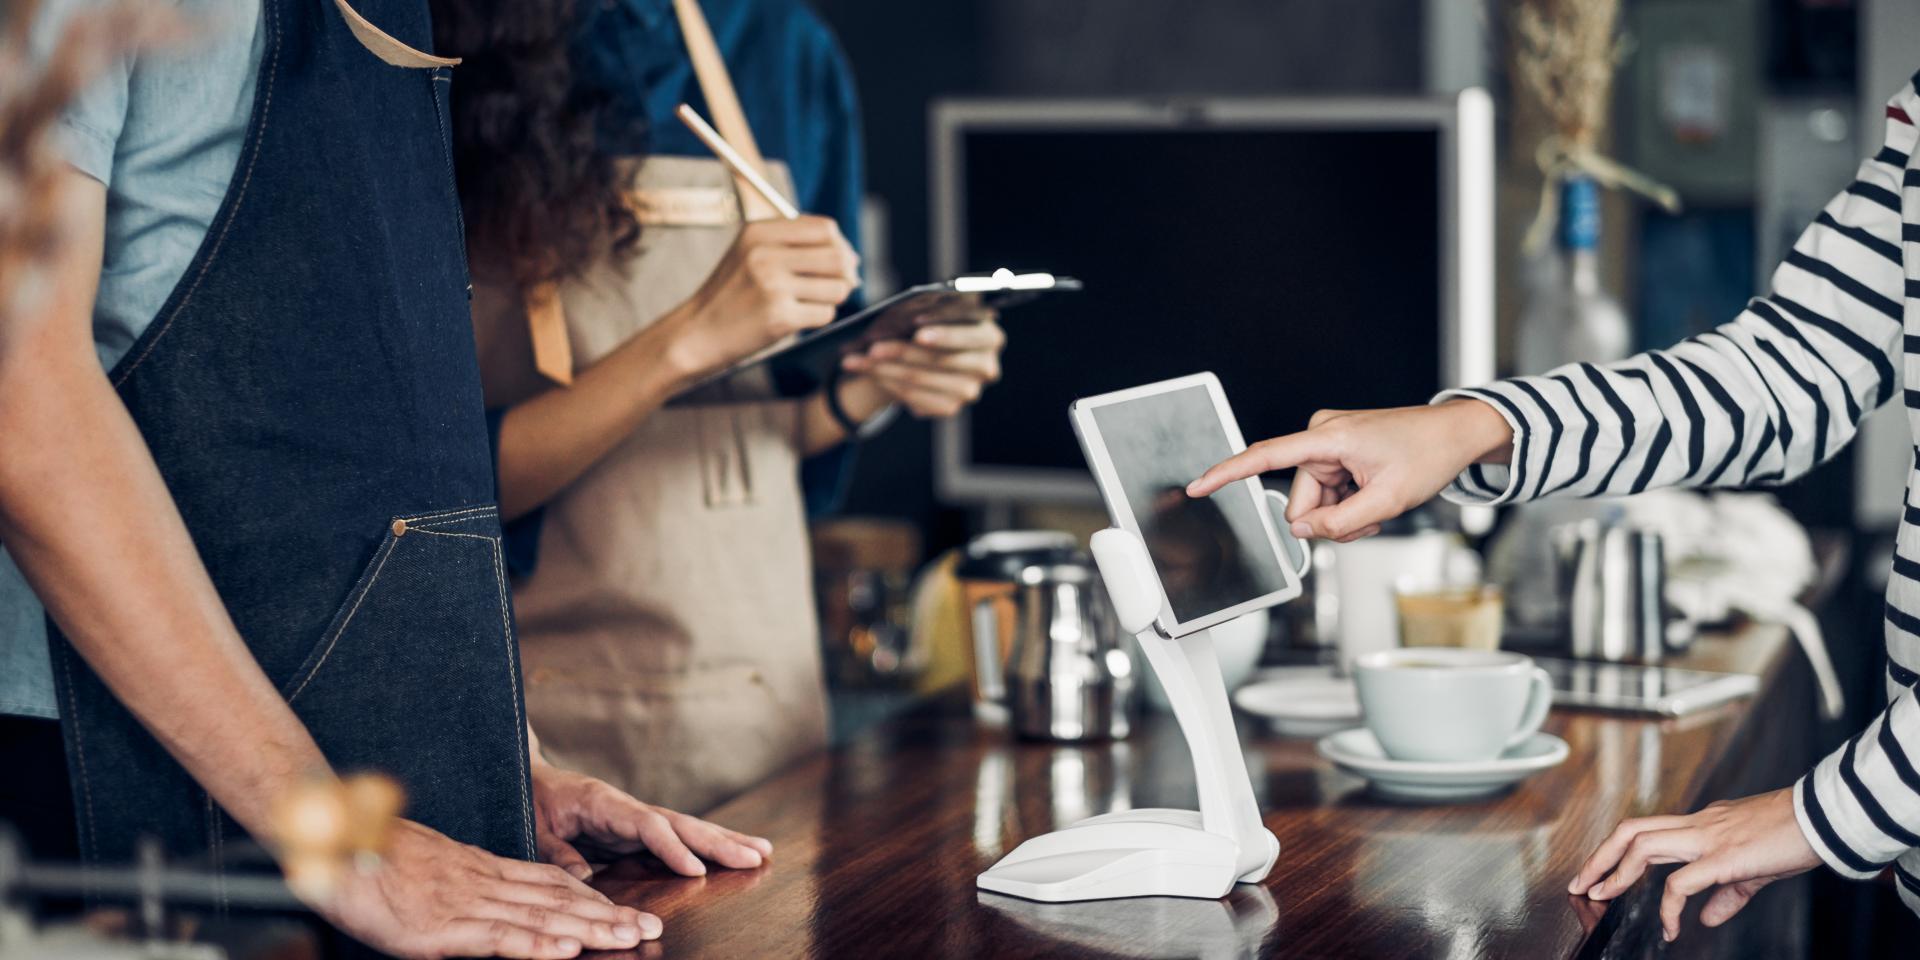 Kvinna tar emot beställning vid en disk